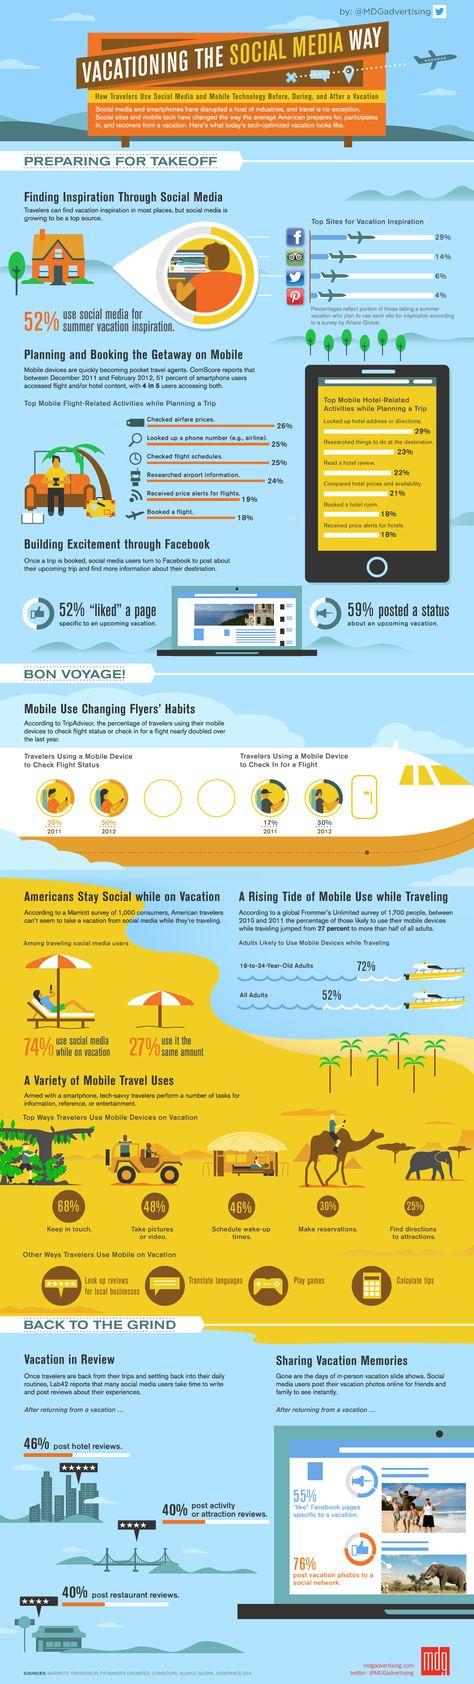 La Influencia de las #Redes Sociales en los #Viajes #Turismo  Vacationing The Social Media Way [infographic by MDG Advertising]